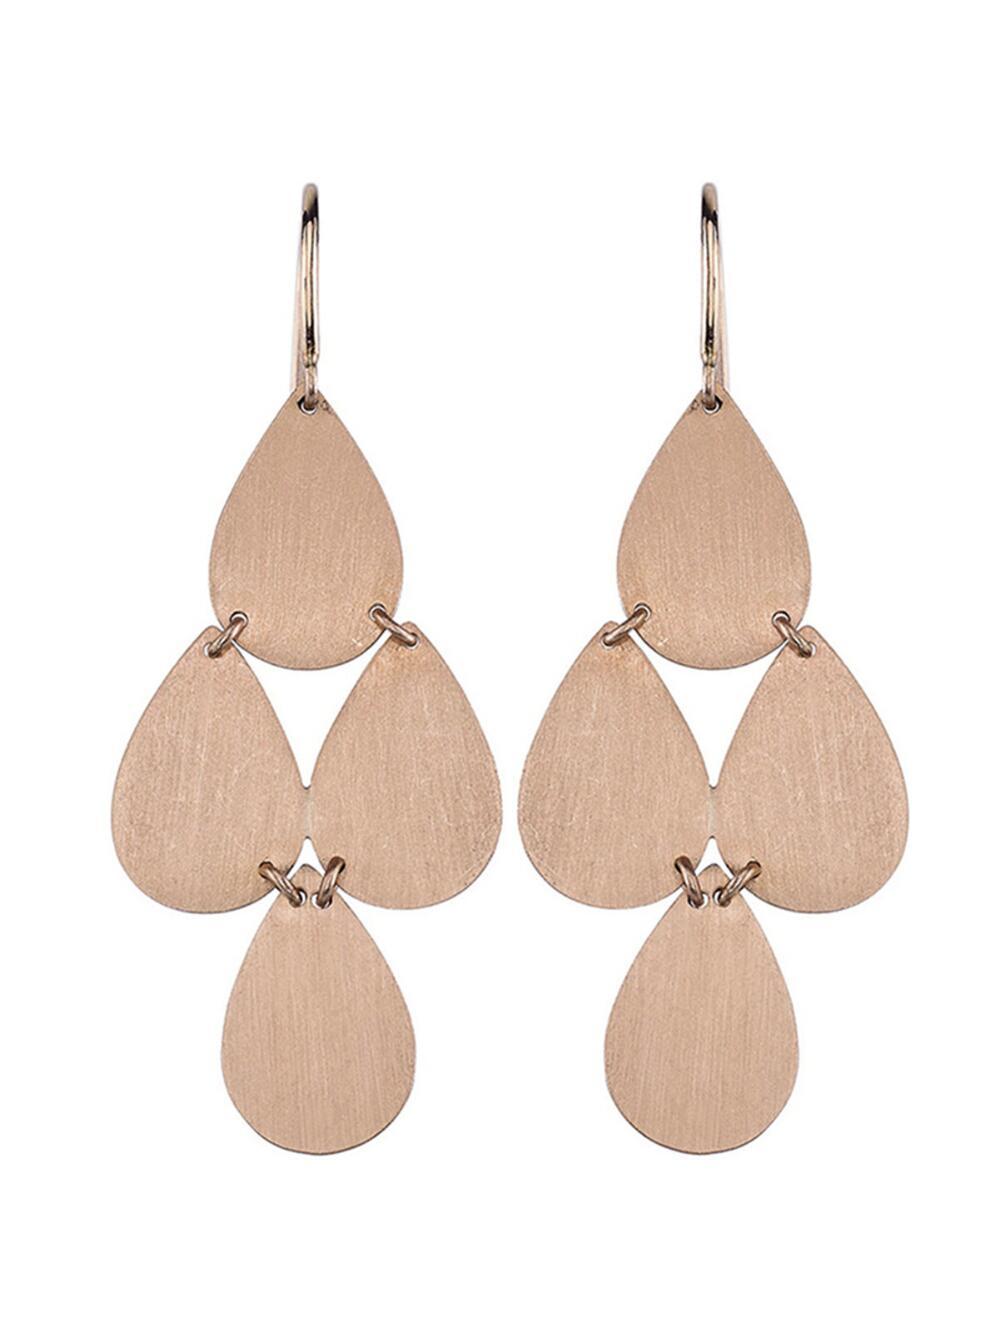 Irene Neuwirth Rose-gold chandelier earrings FZfSRlb4